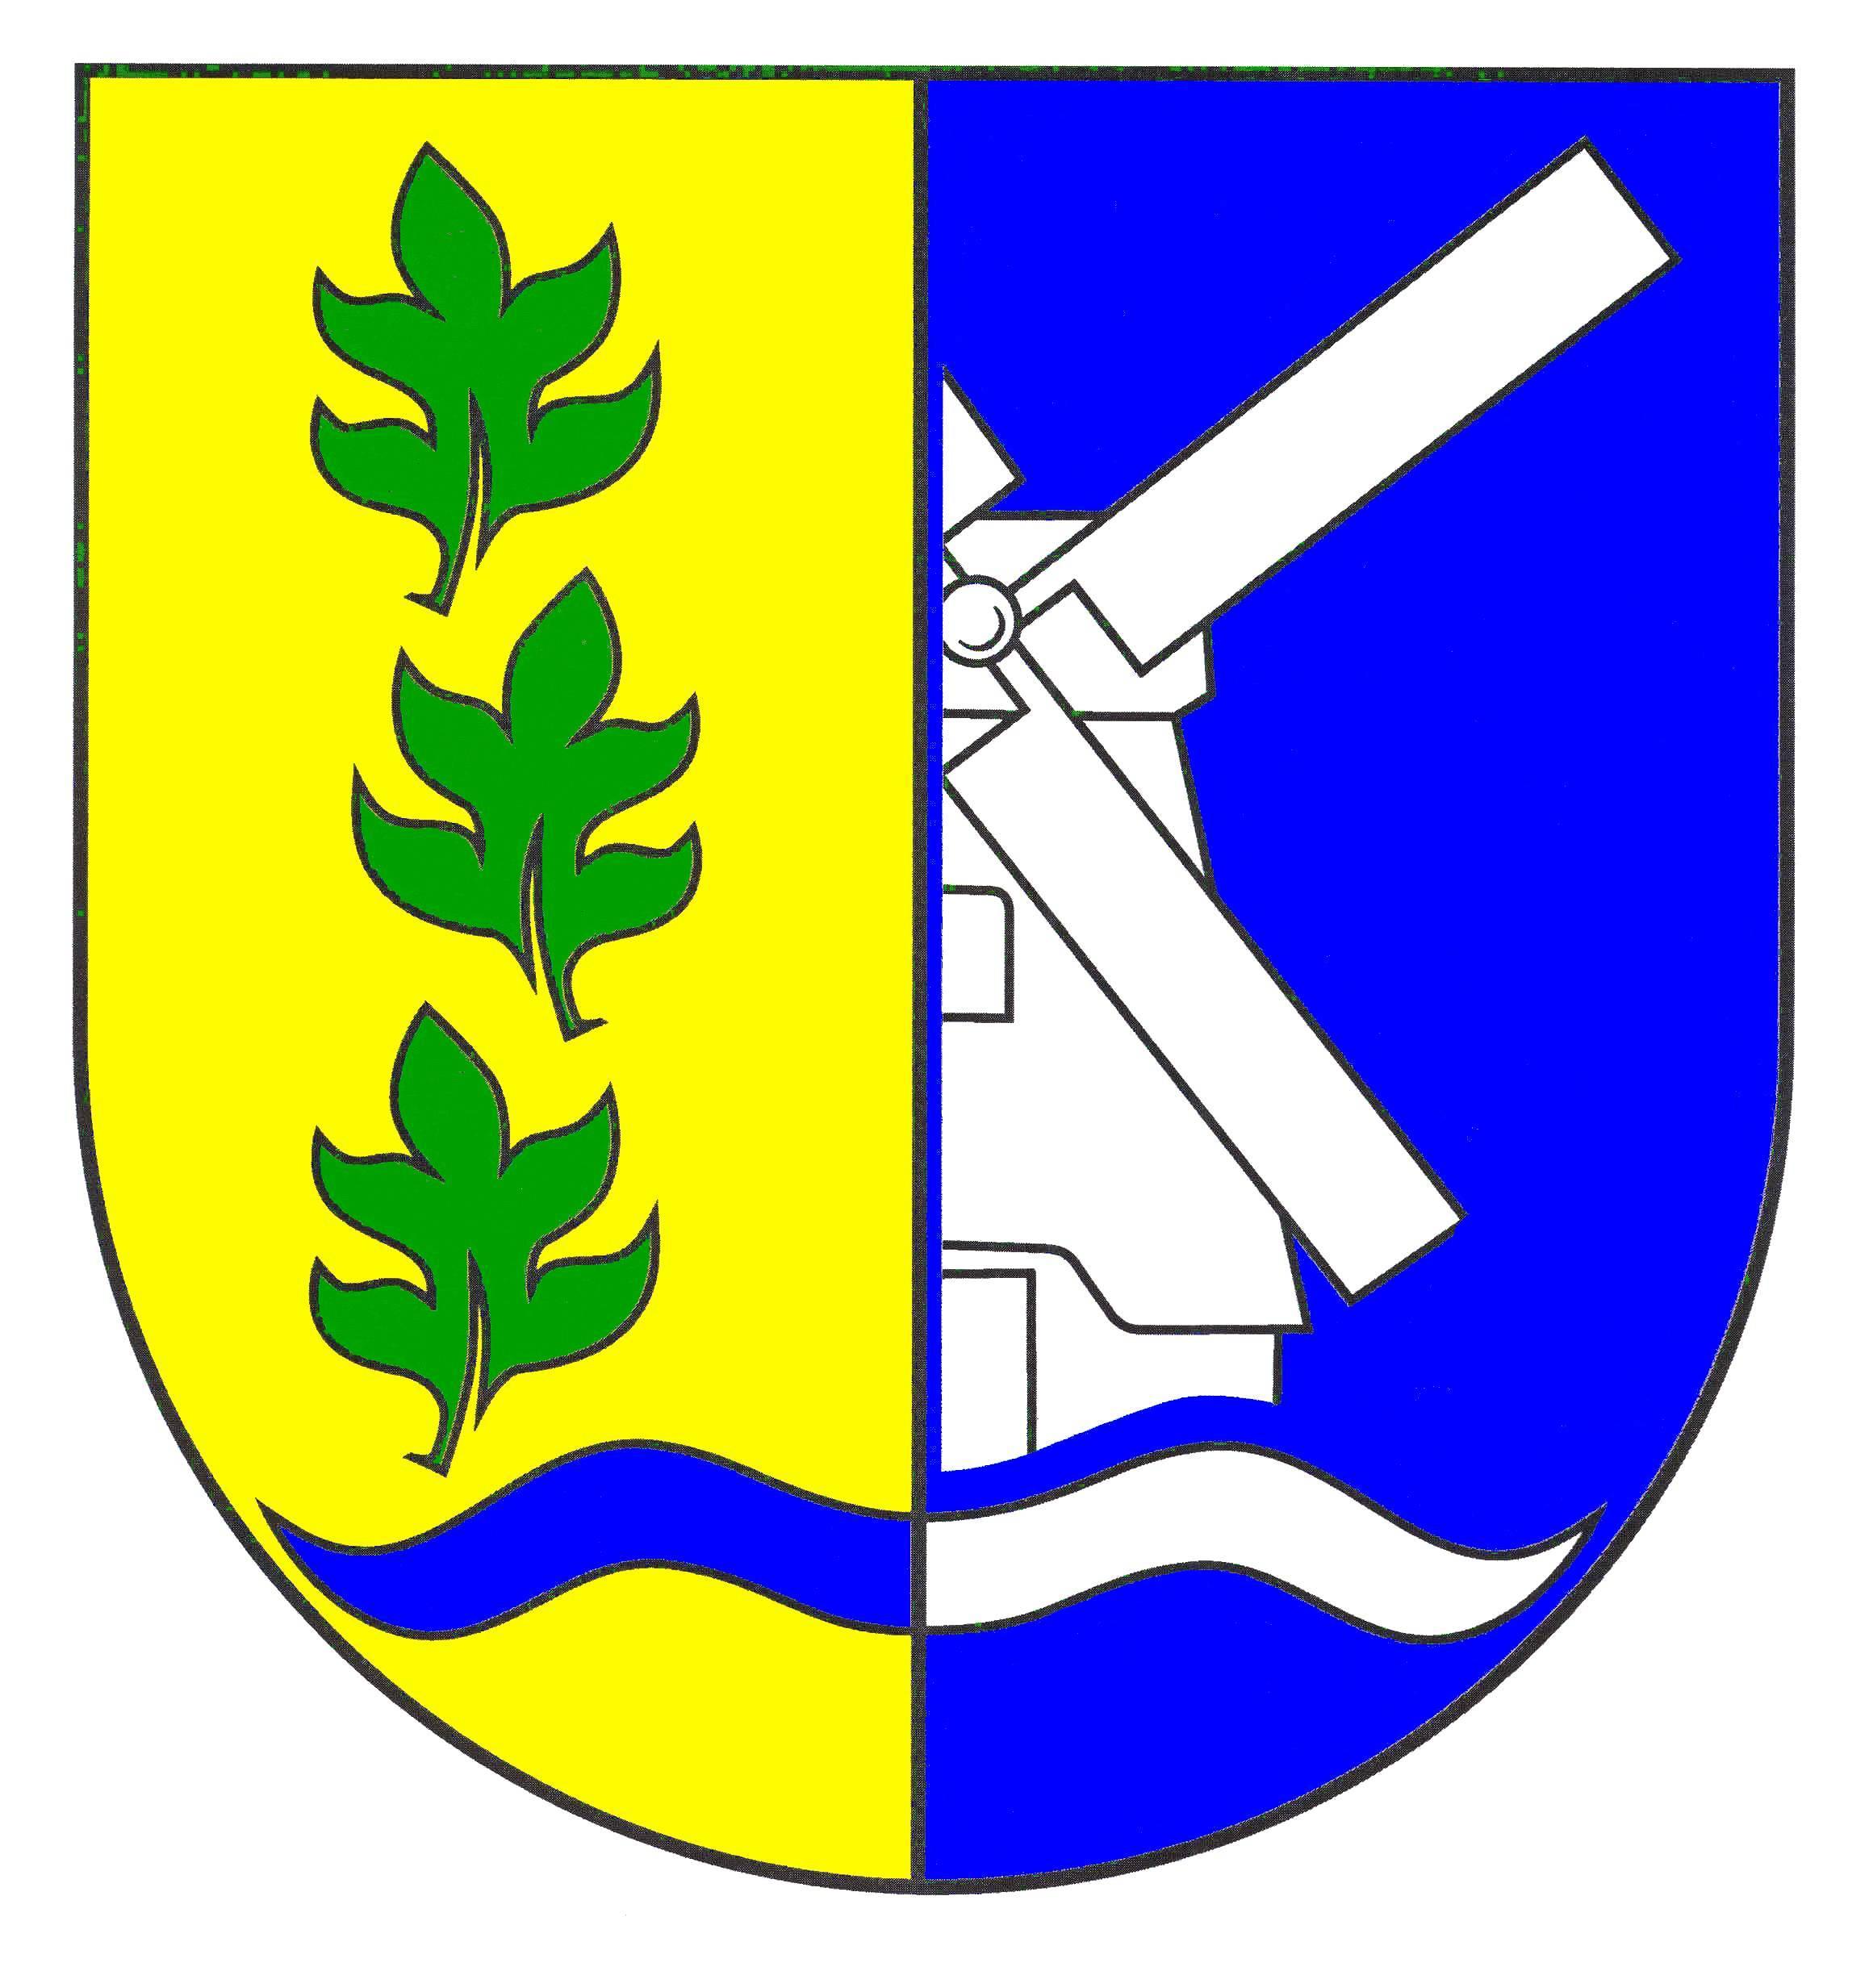 Wappen GemeindeStruckum, Kreis Nordfriesland